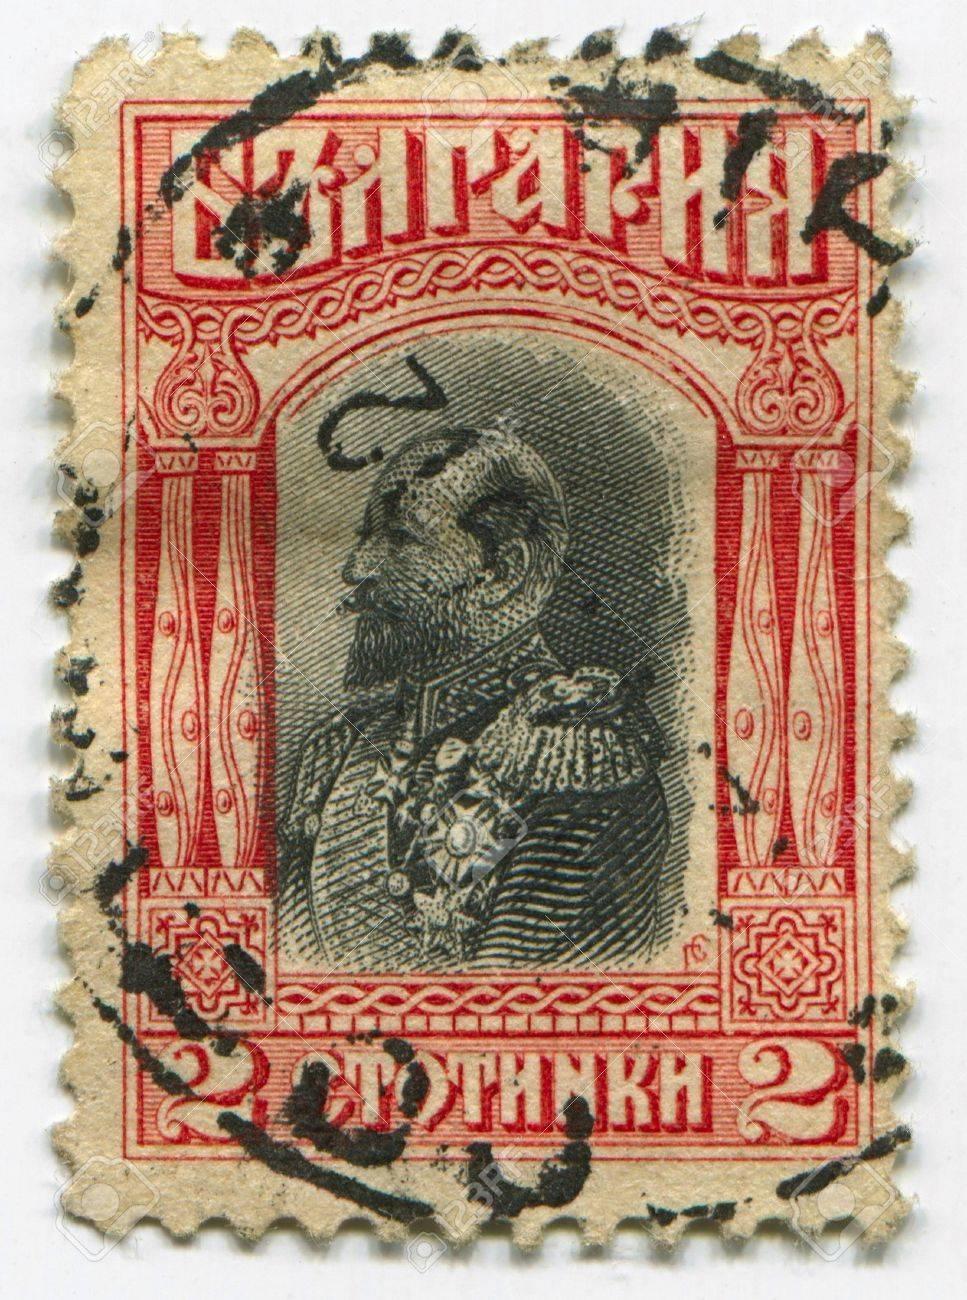 ブルガリア - 1911 年頃: 切手ブ...